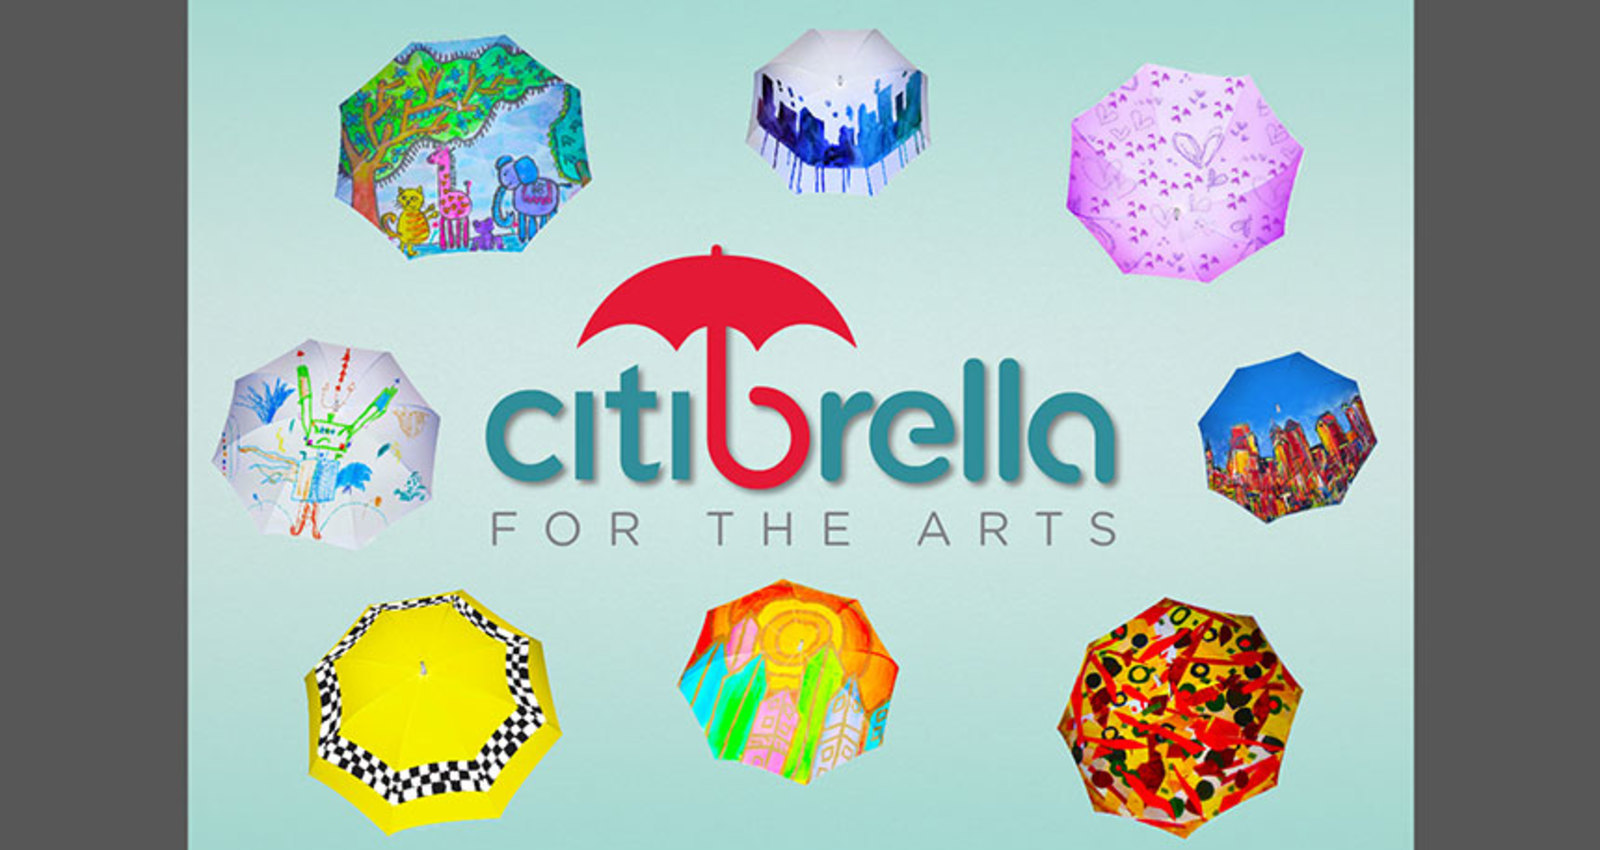 Citibrella for the Arts